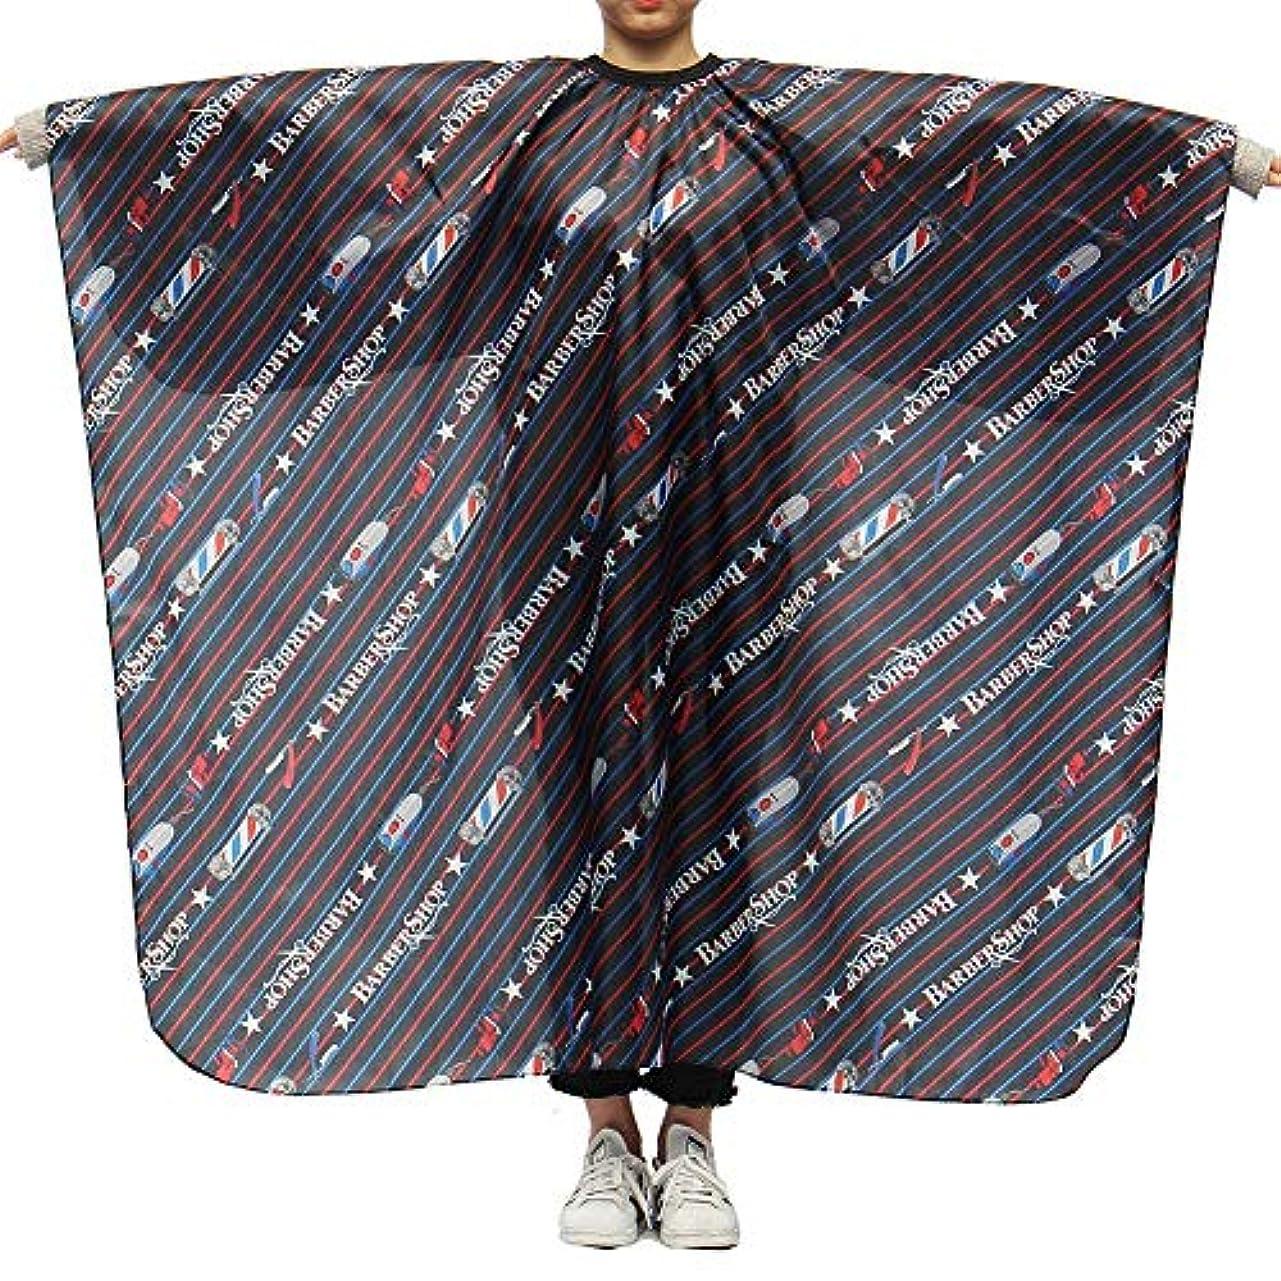 郵便屋さん先祖体Ling(リンー)-ビューティー 理髪ケープ 理髪布 店用 家庭用 通気性 滑らか ポリエステル製